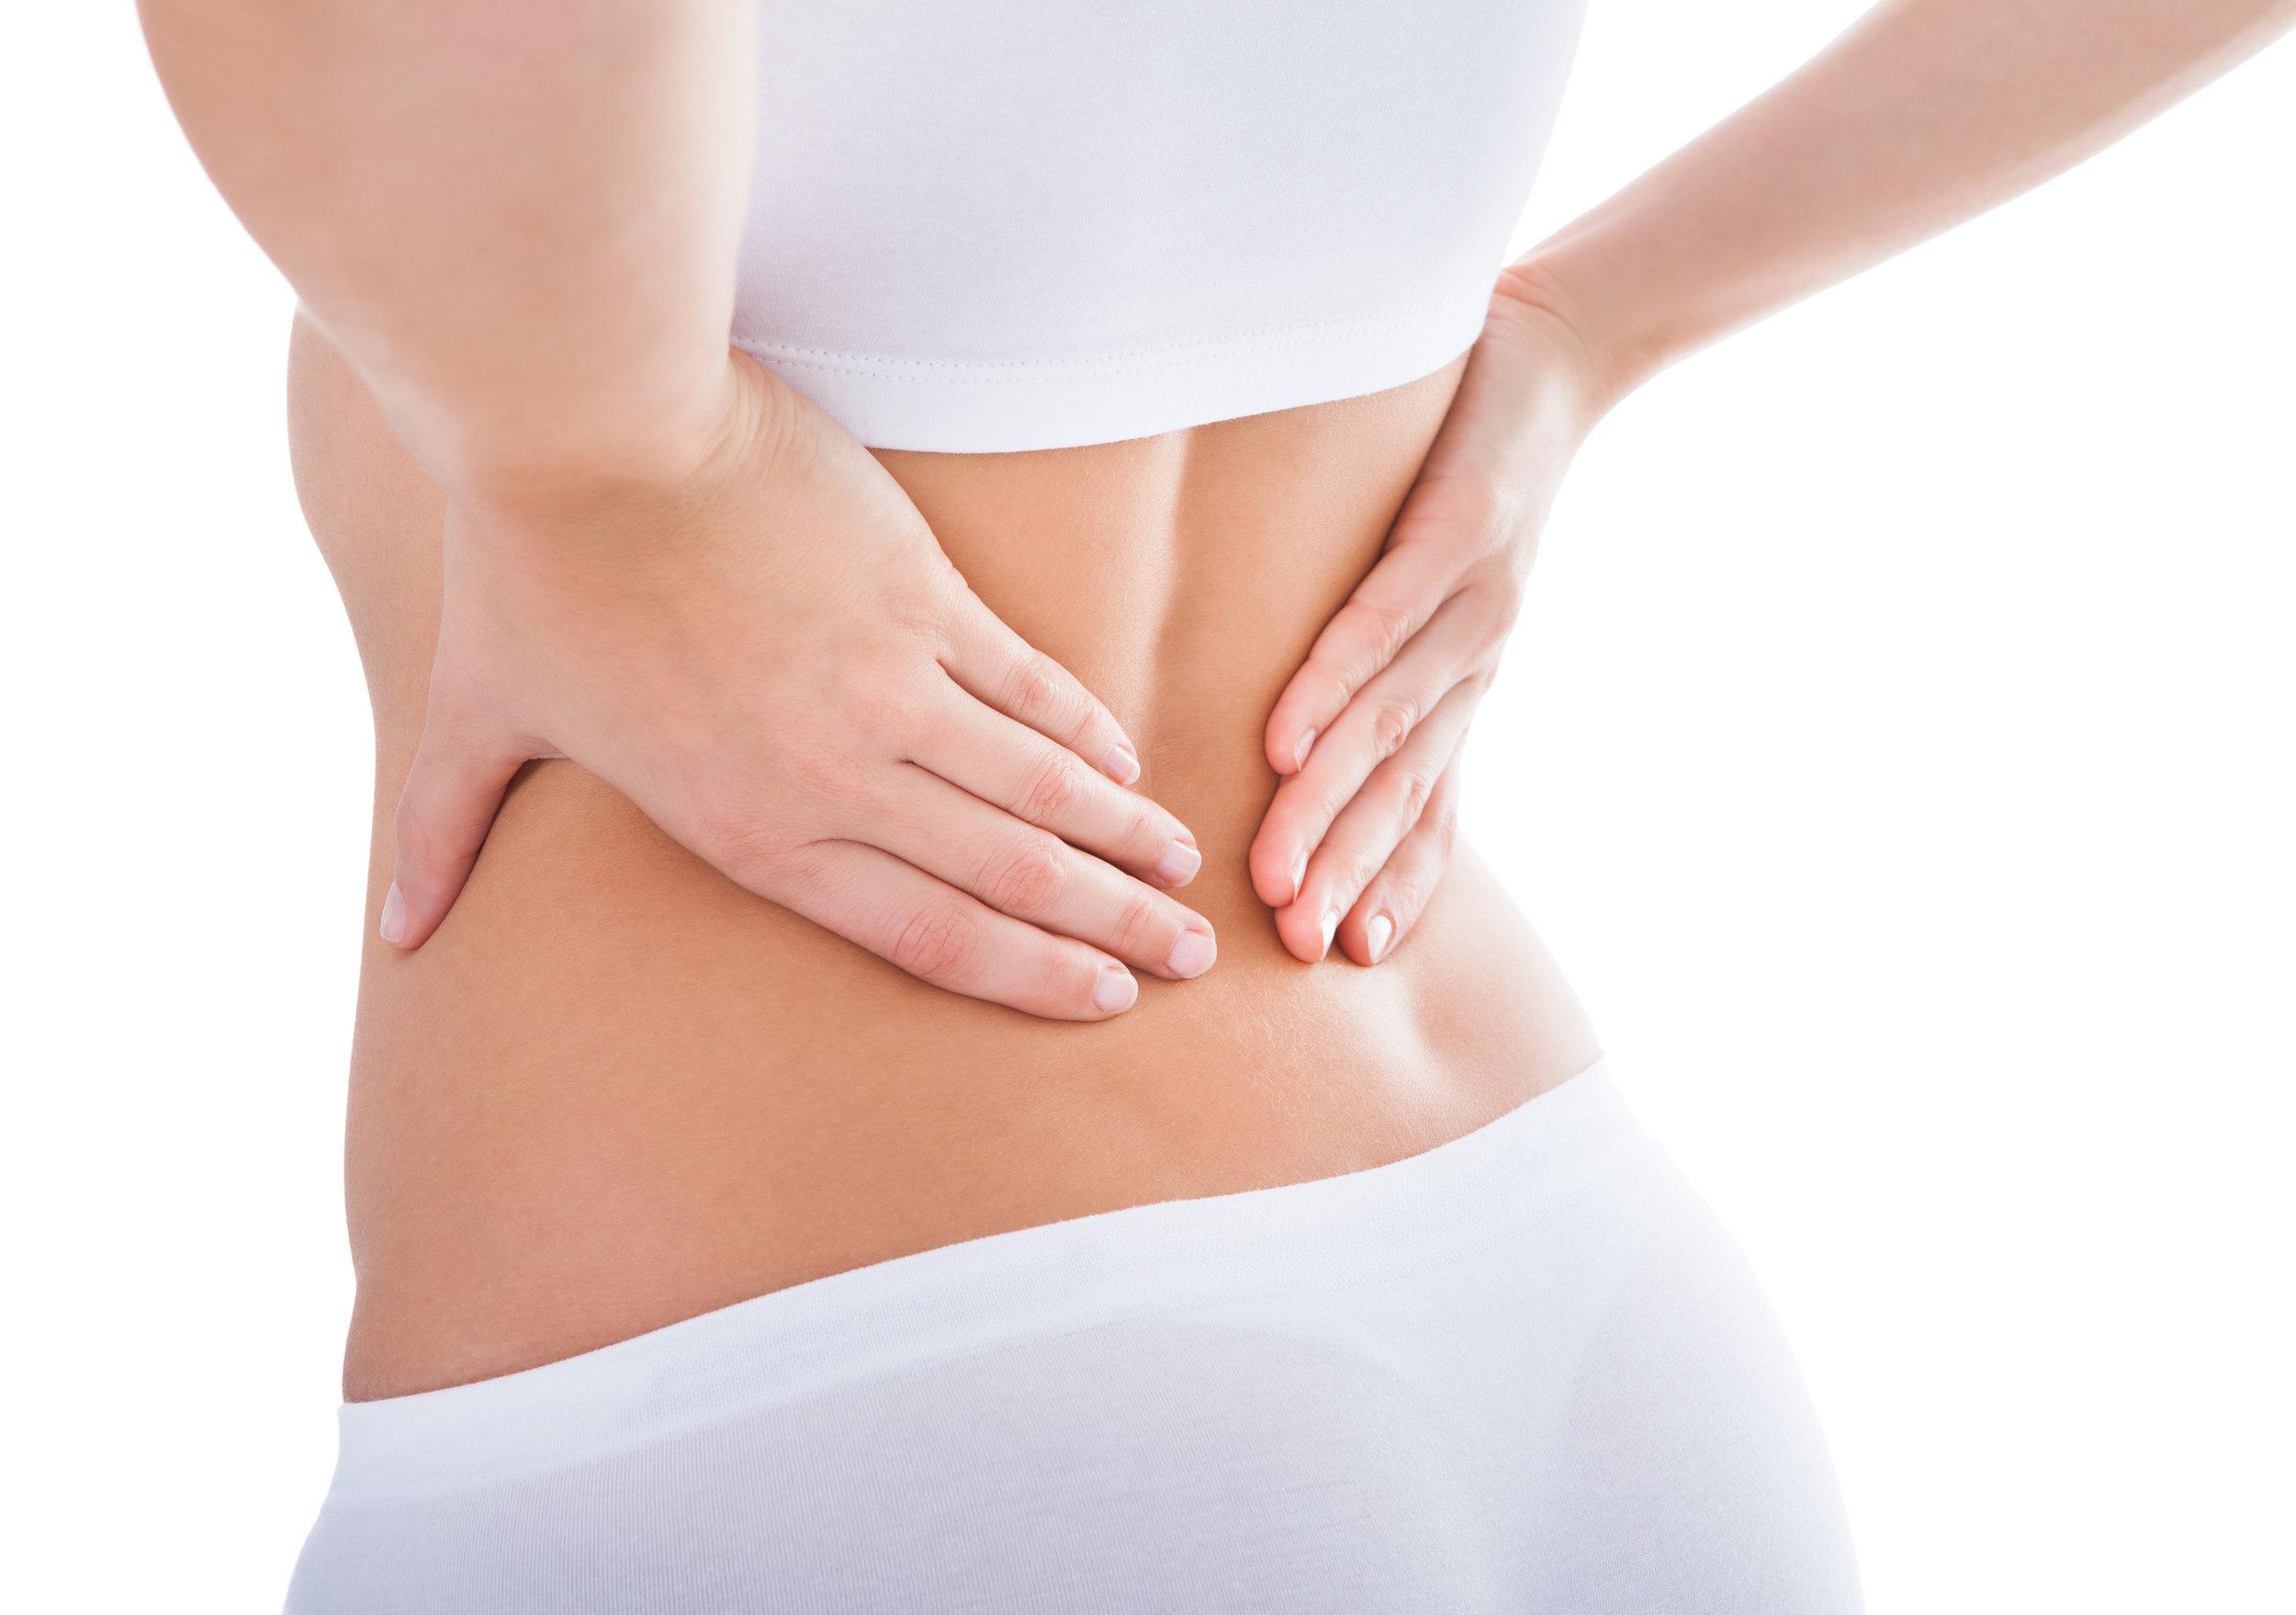 exercises-for-lower-back-pain.jpg